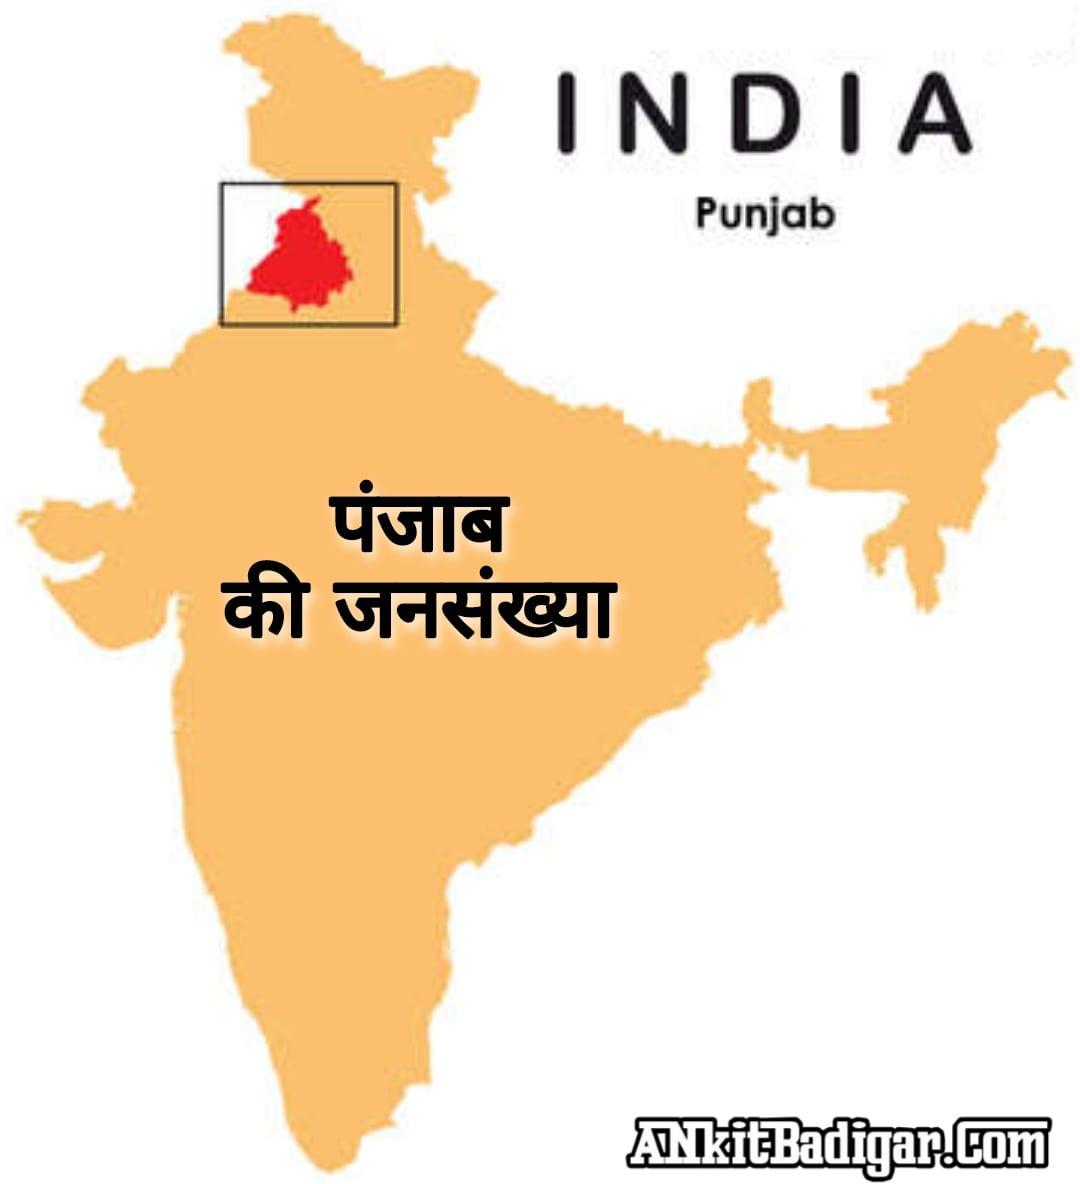 Punjab Ki Jansankhya